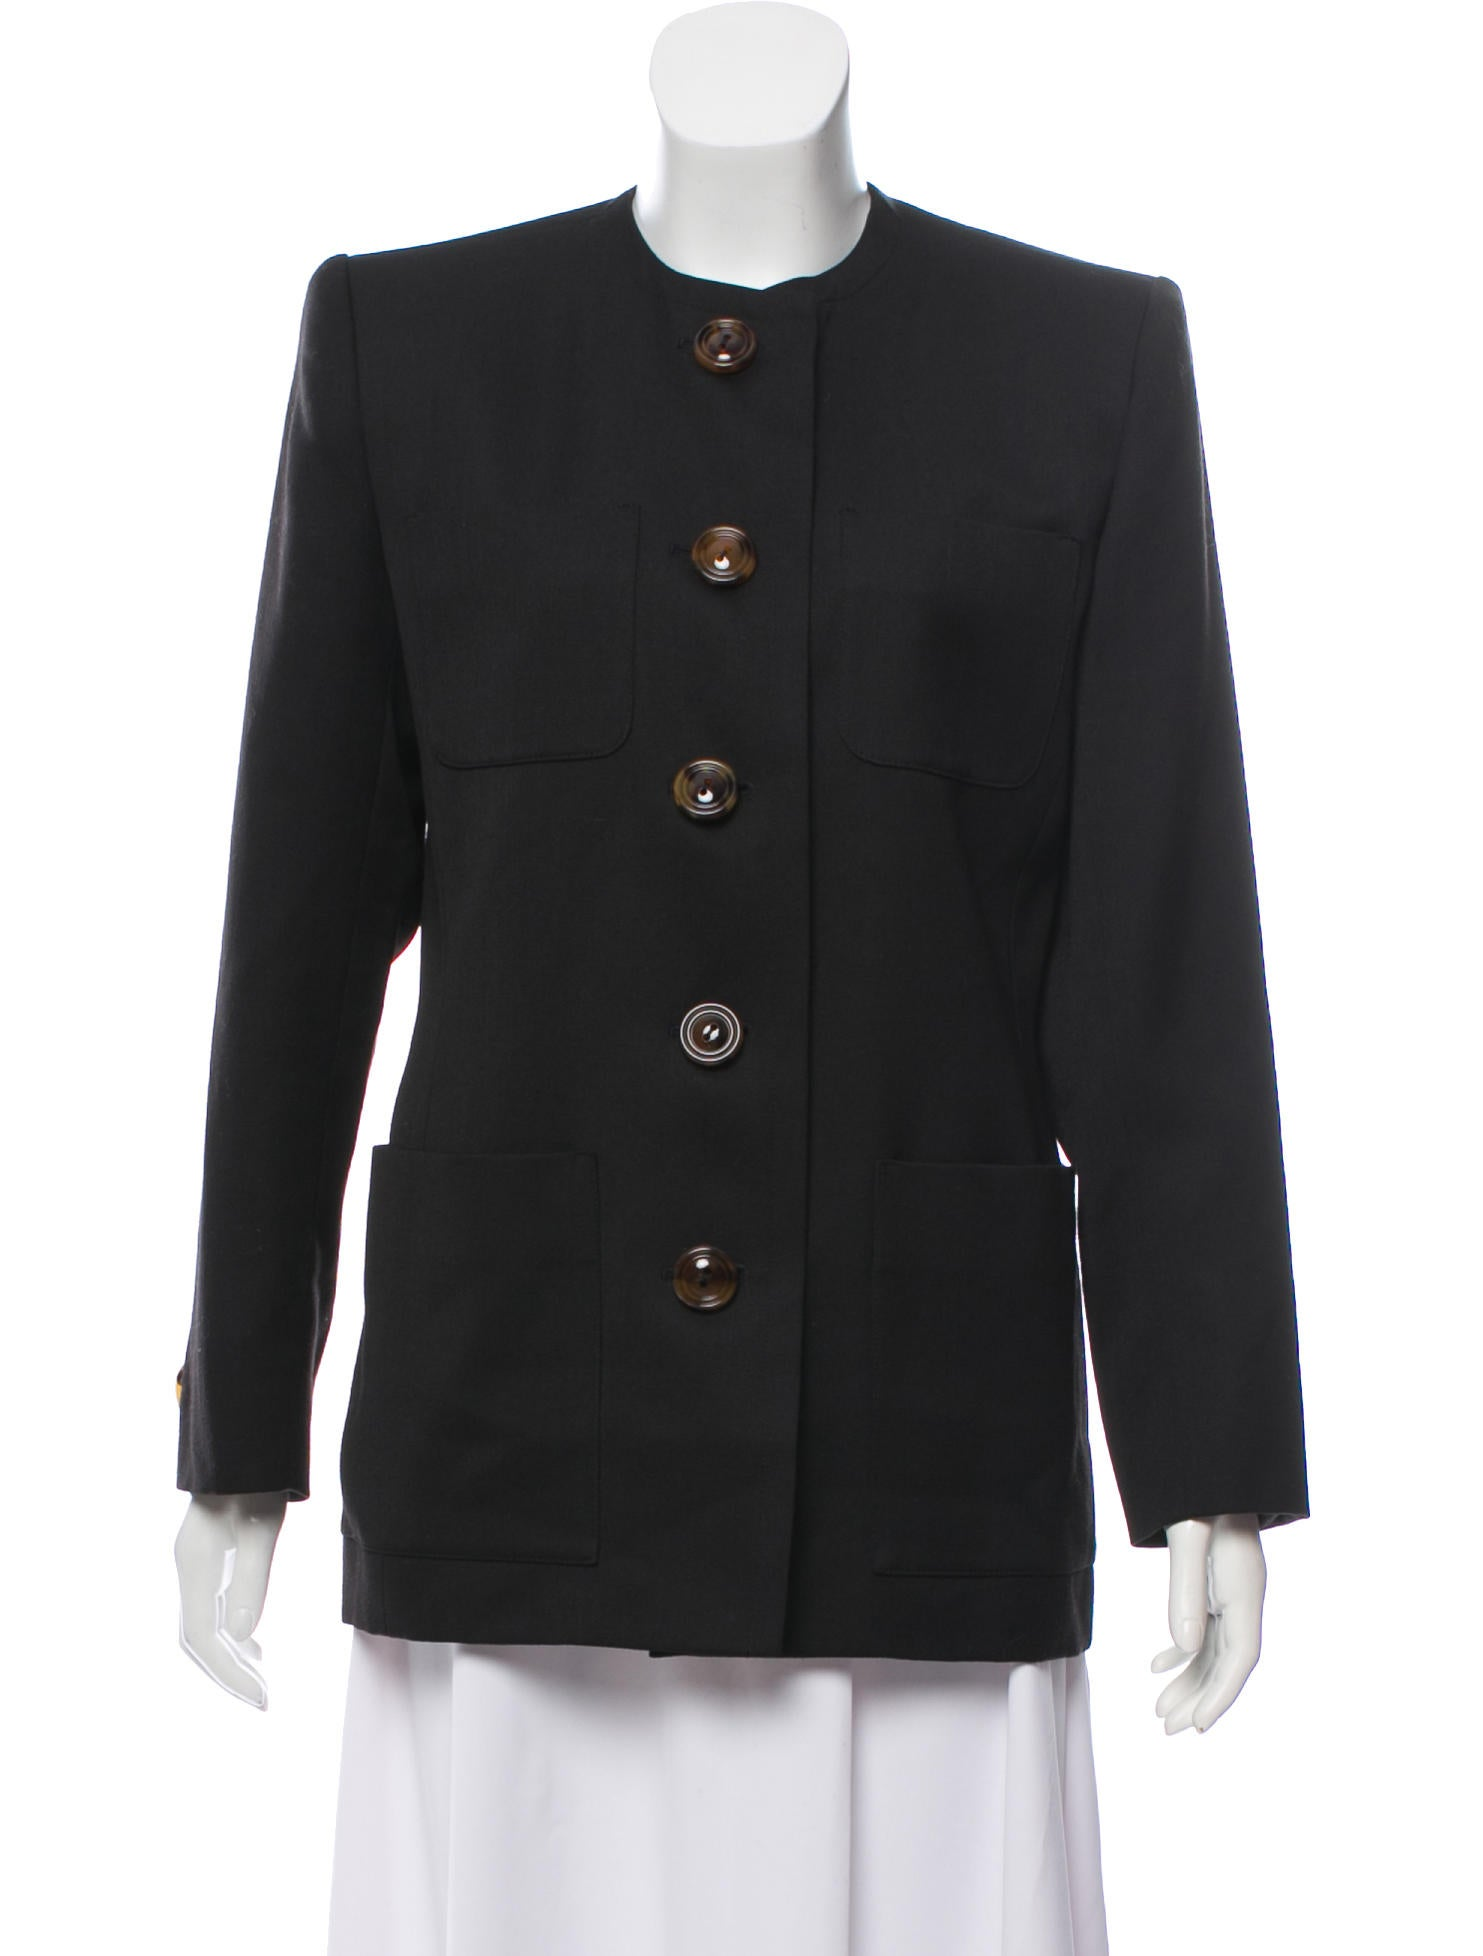 d44a04e5020 ... Yves Saint Laurent Vintage Structured Jacket. Vintage Structured Jacket